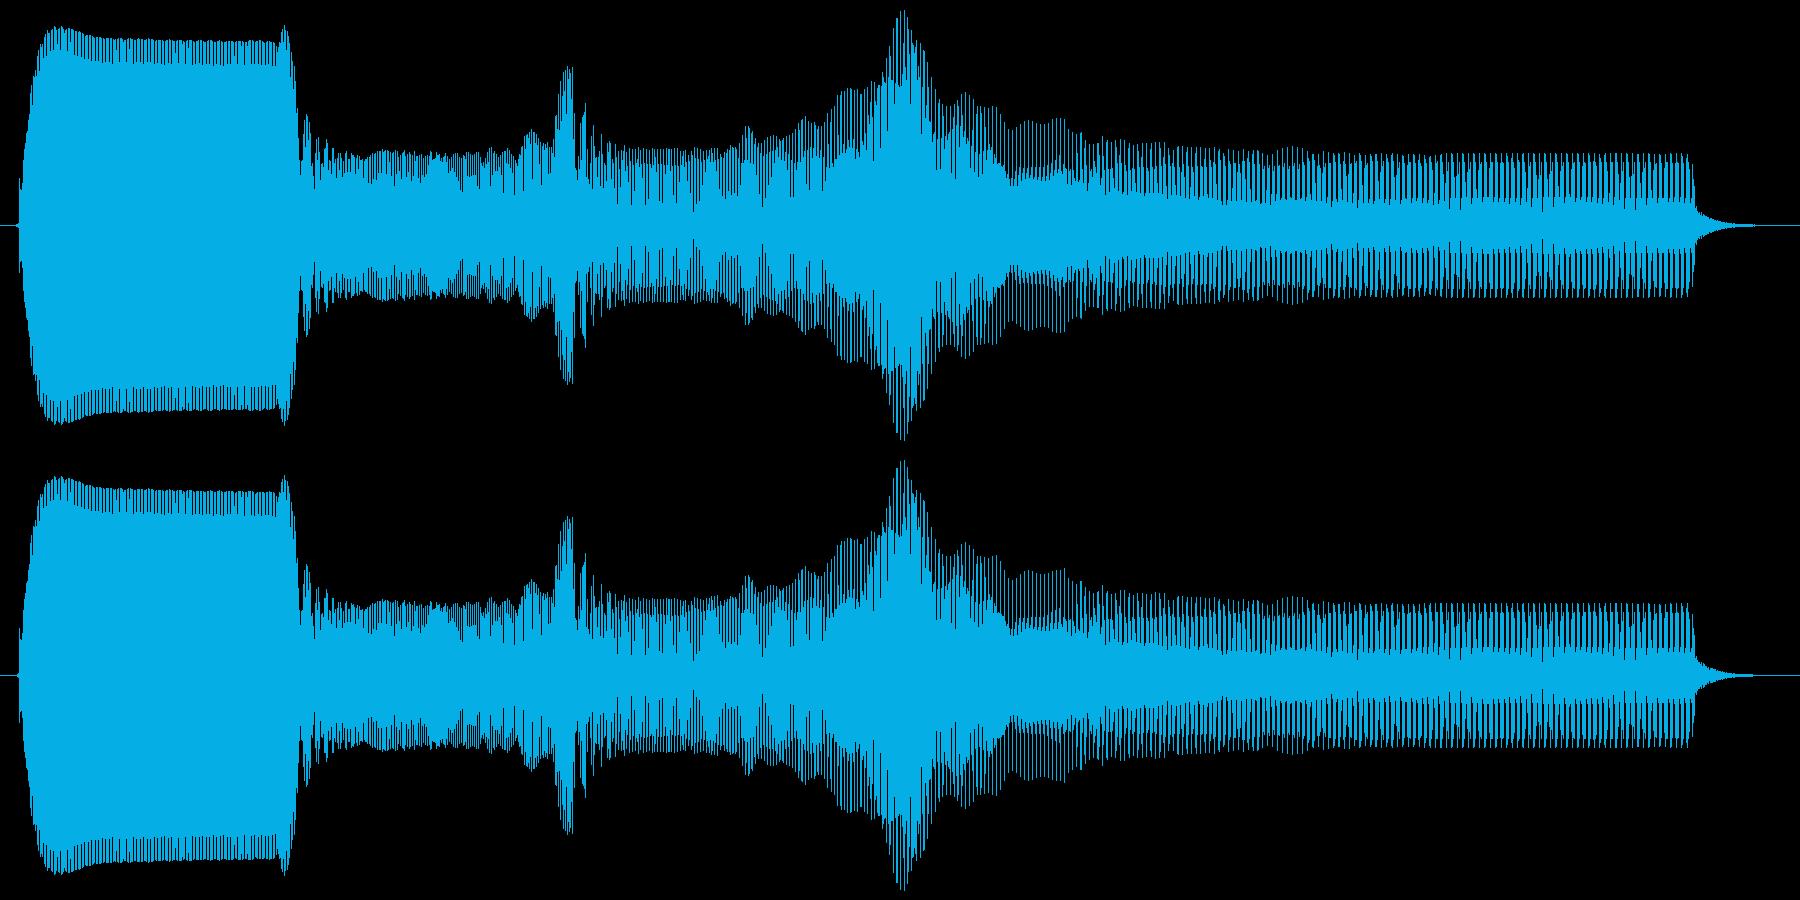 ピィュゥ。落ちる・下がる・飛んでいく音の再生済みの波形